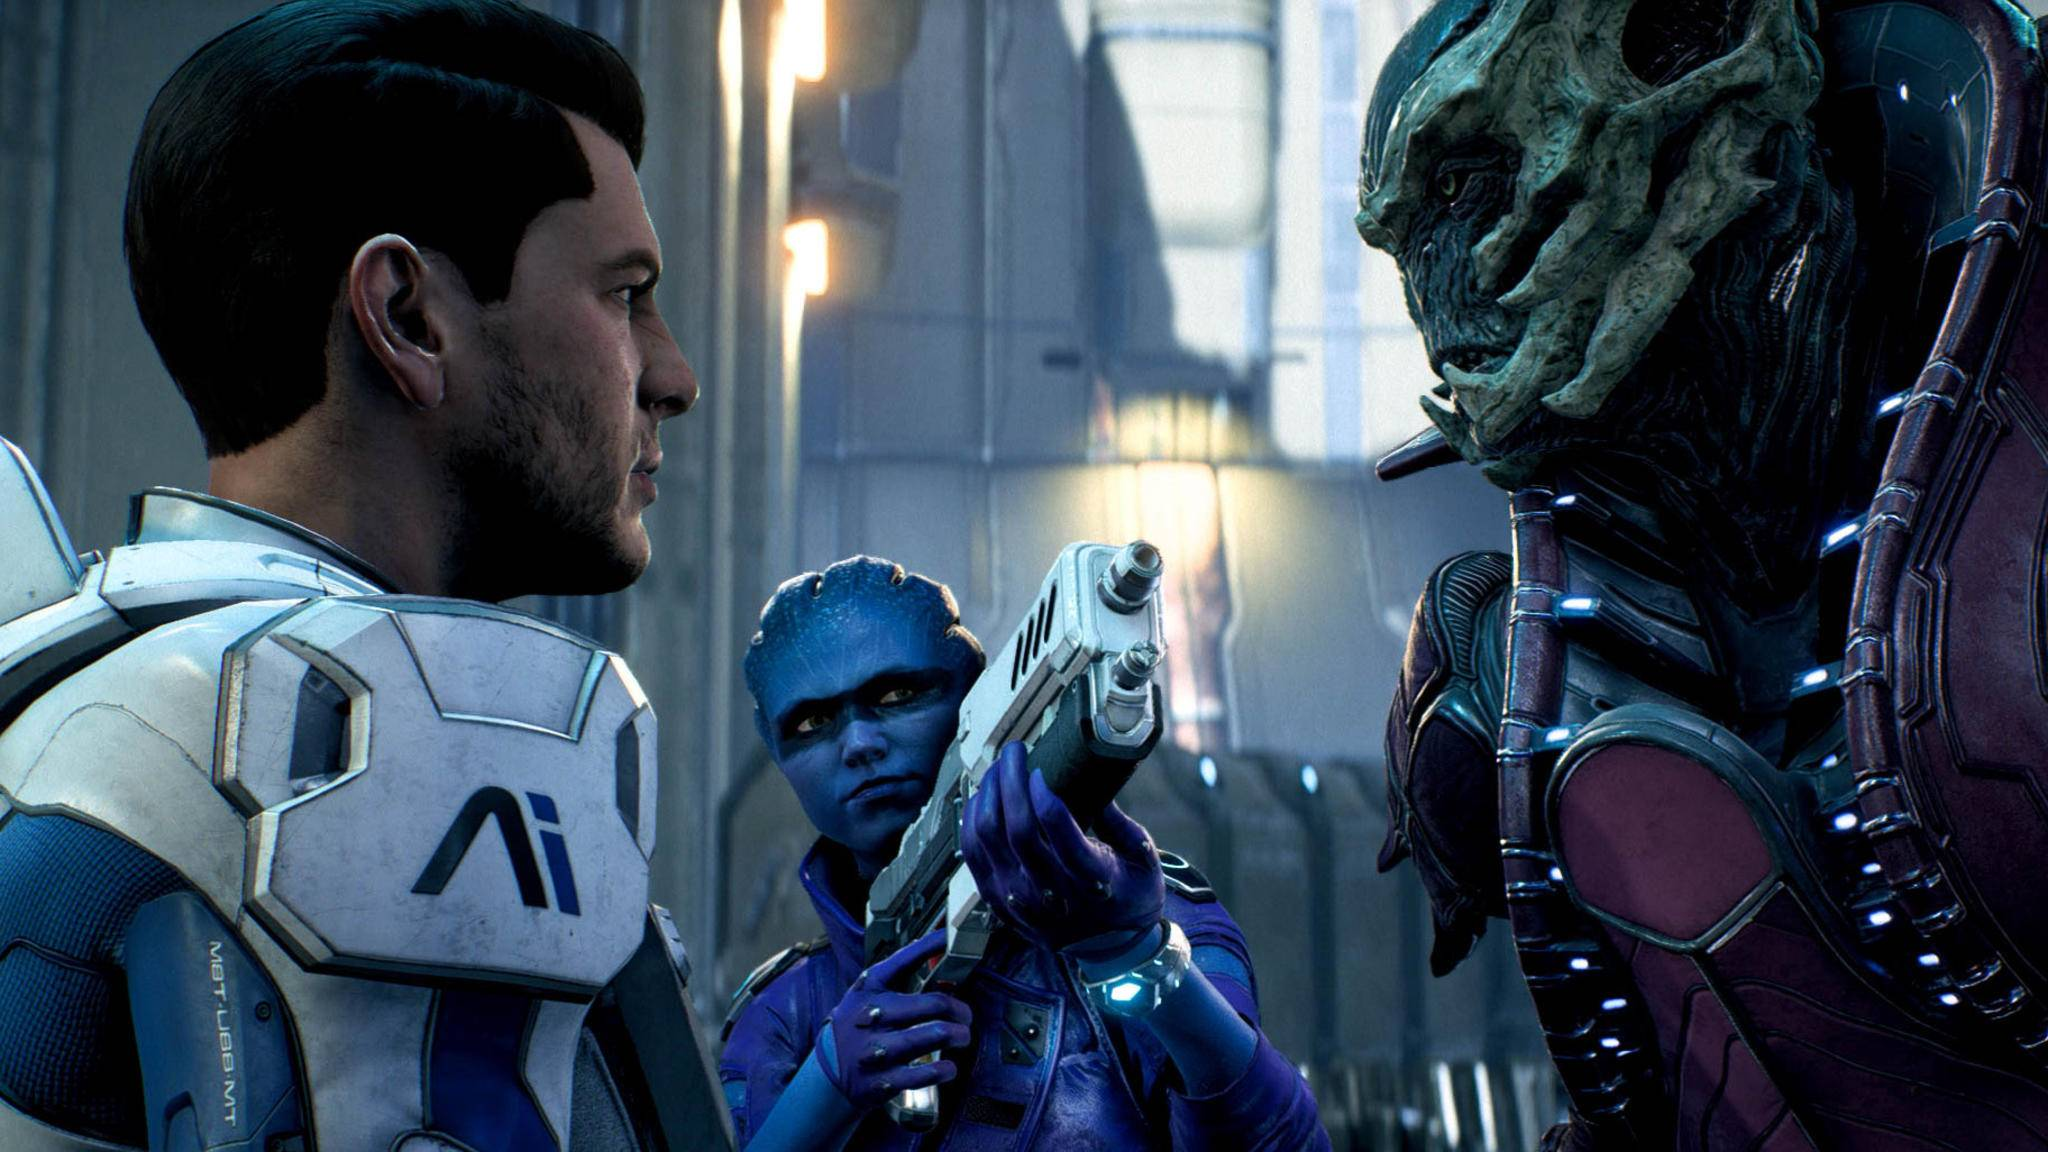 """""""Mass Effect: Andromeda"""" blieb für viele Fans der RPG-Serie hinter der vorangegangenen Trilogie zurück. Hier sind fünf Gründe, warum sich BioWare trotzdem an einen weiteren Teil wagen muss!"""